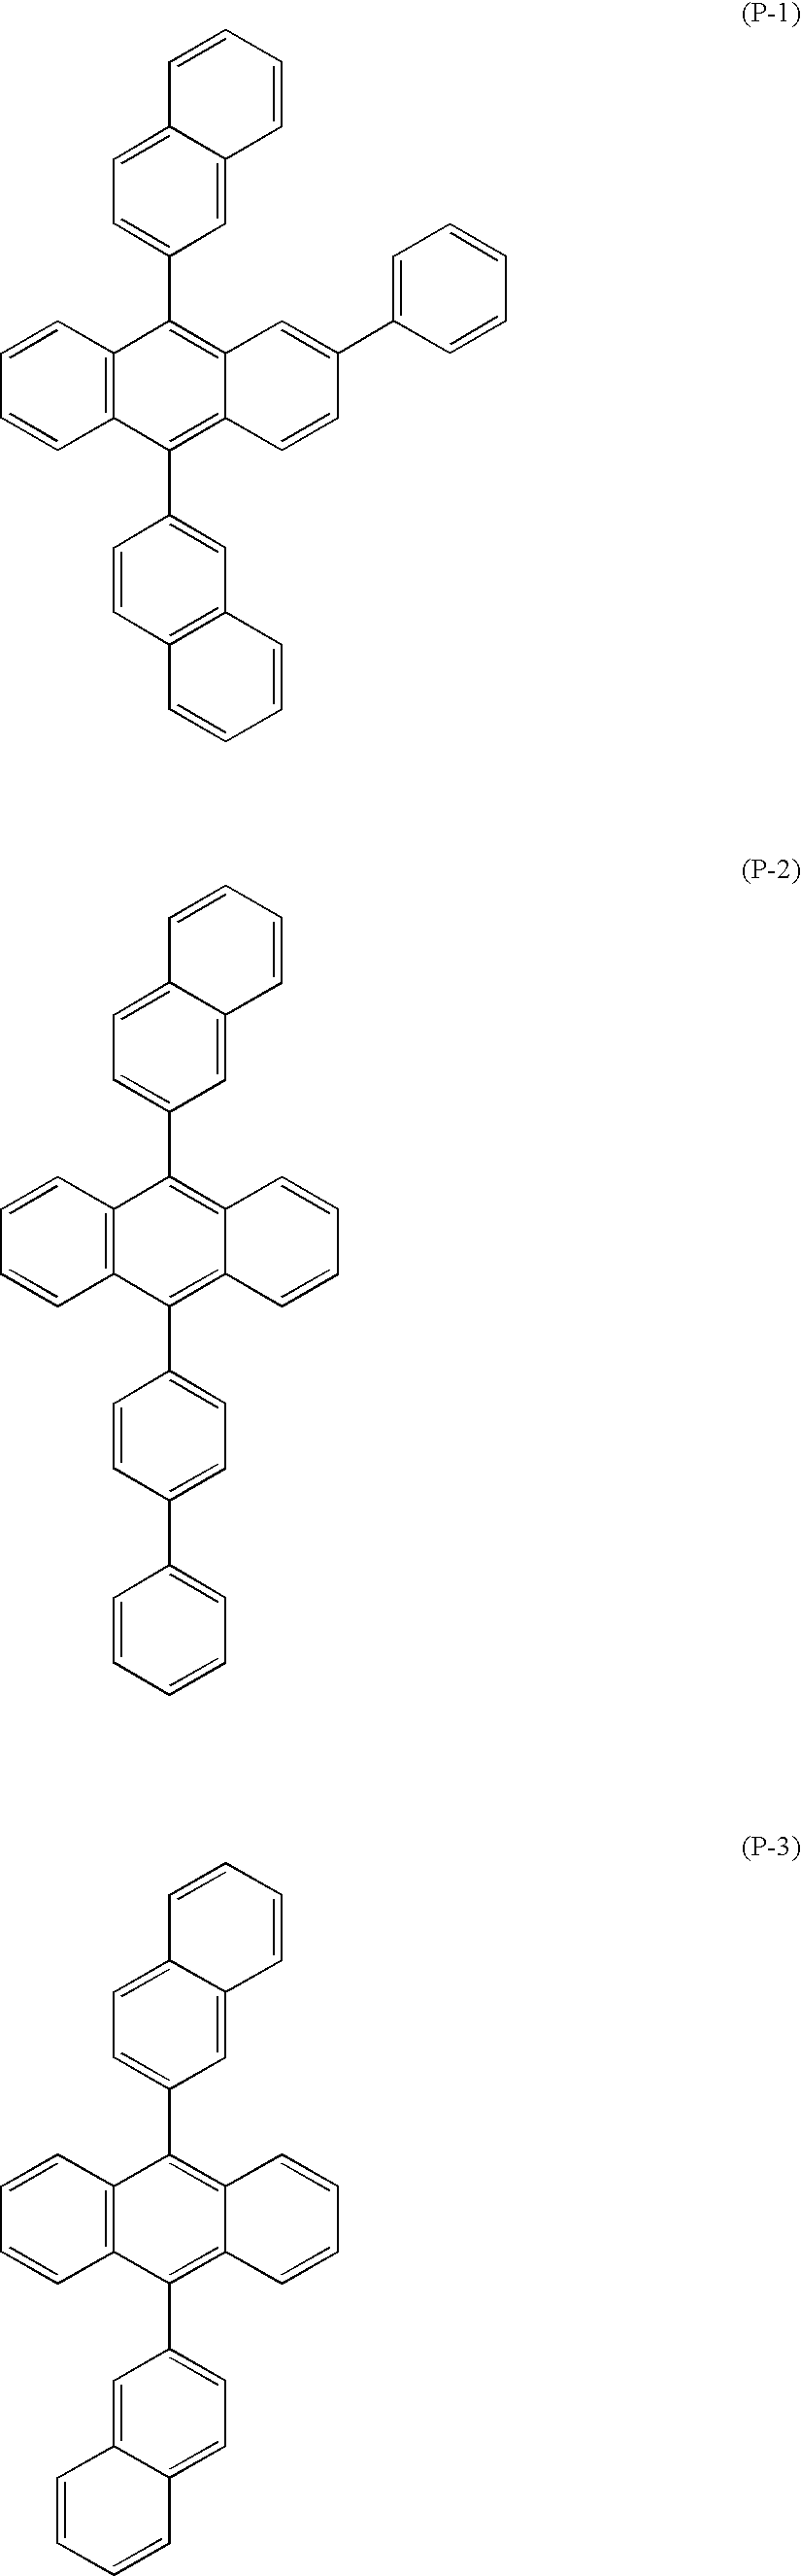 Figure US08088500-20120103-C00069